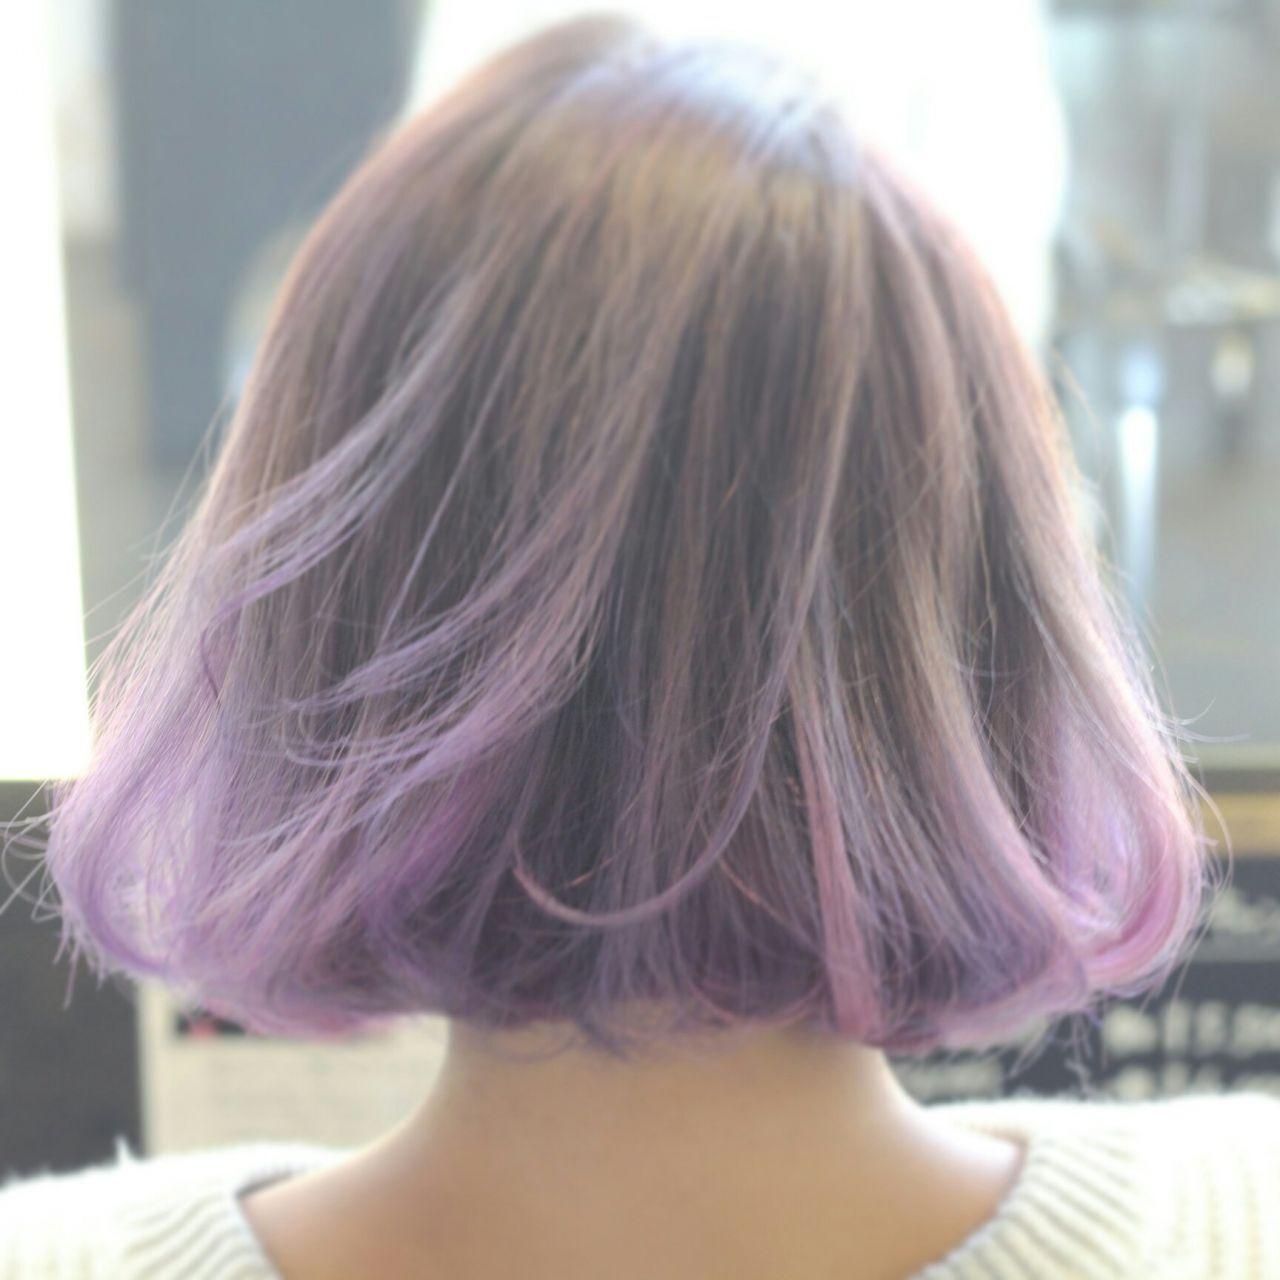 グラデーションカラー モード ロング アップスタイルヘアスタイルや髪型の写真・画像